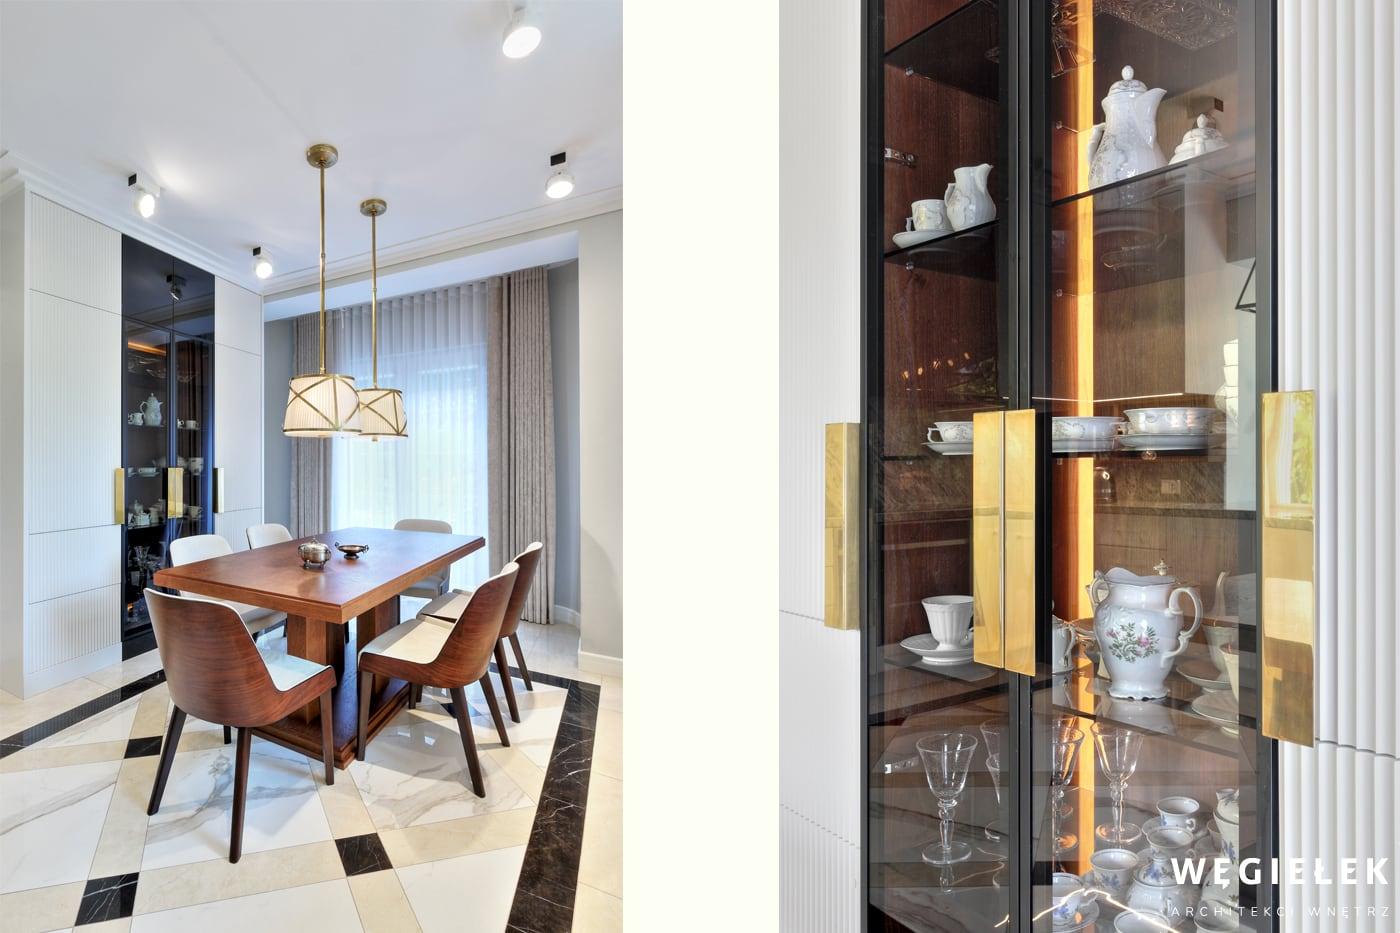 Klasyczna kuchnia, nawet ta o nowoczesnym charakterze, nie może być pozbawiona przeszklonej gablotki z porcelaną. Zadbał o to architekt domów z Warszawy.